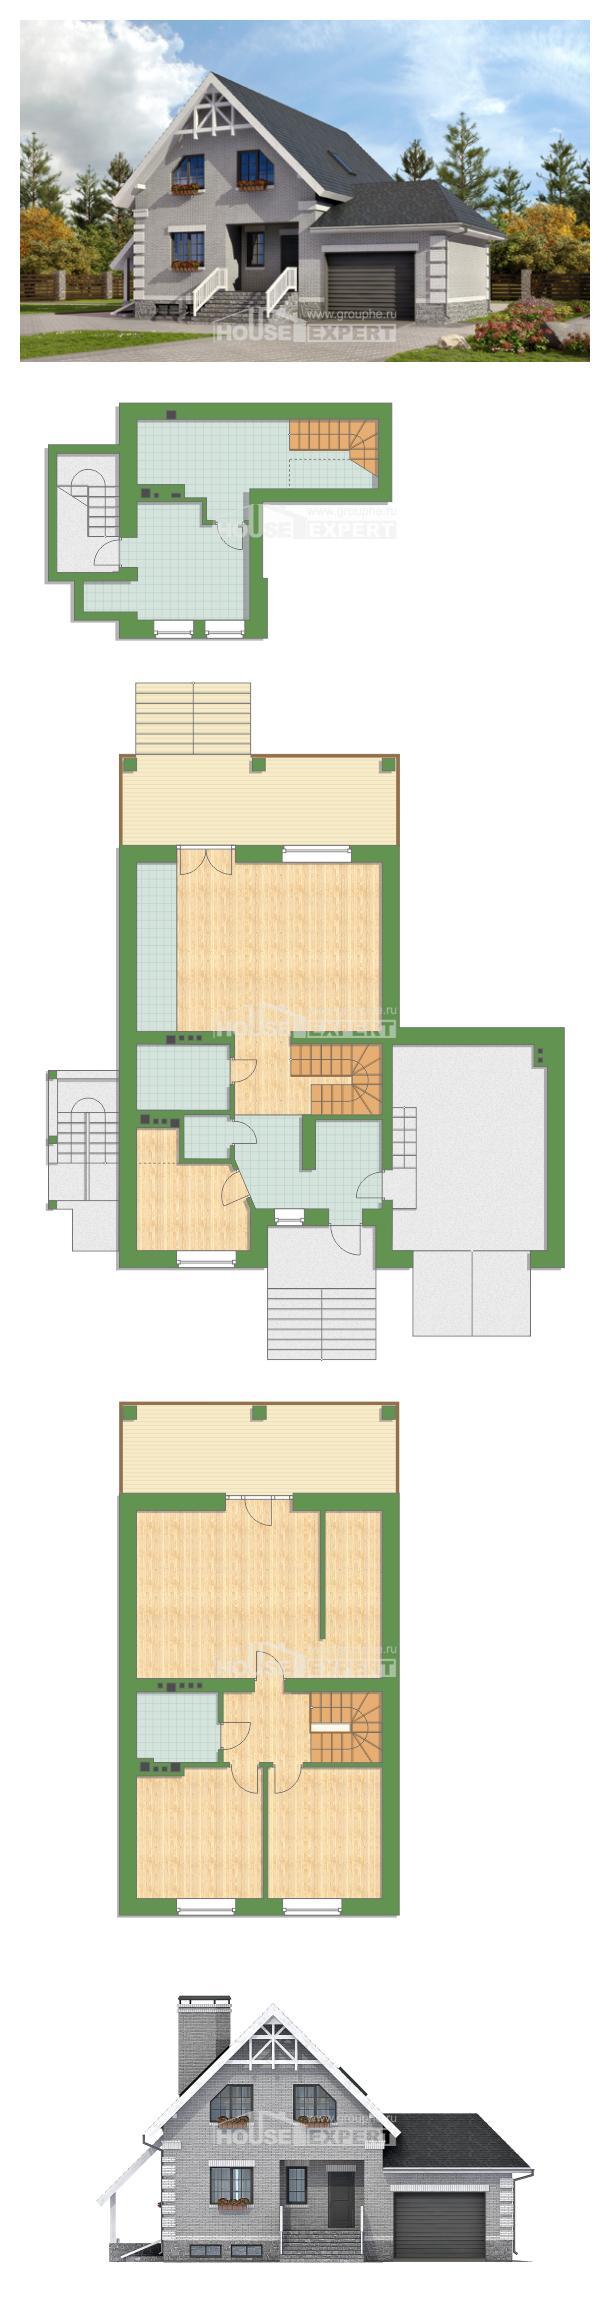 Plan 200-009-R | House Expert